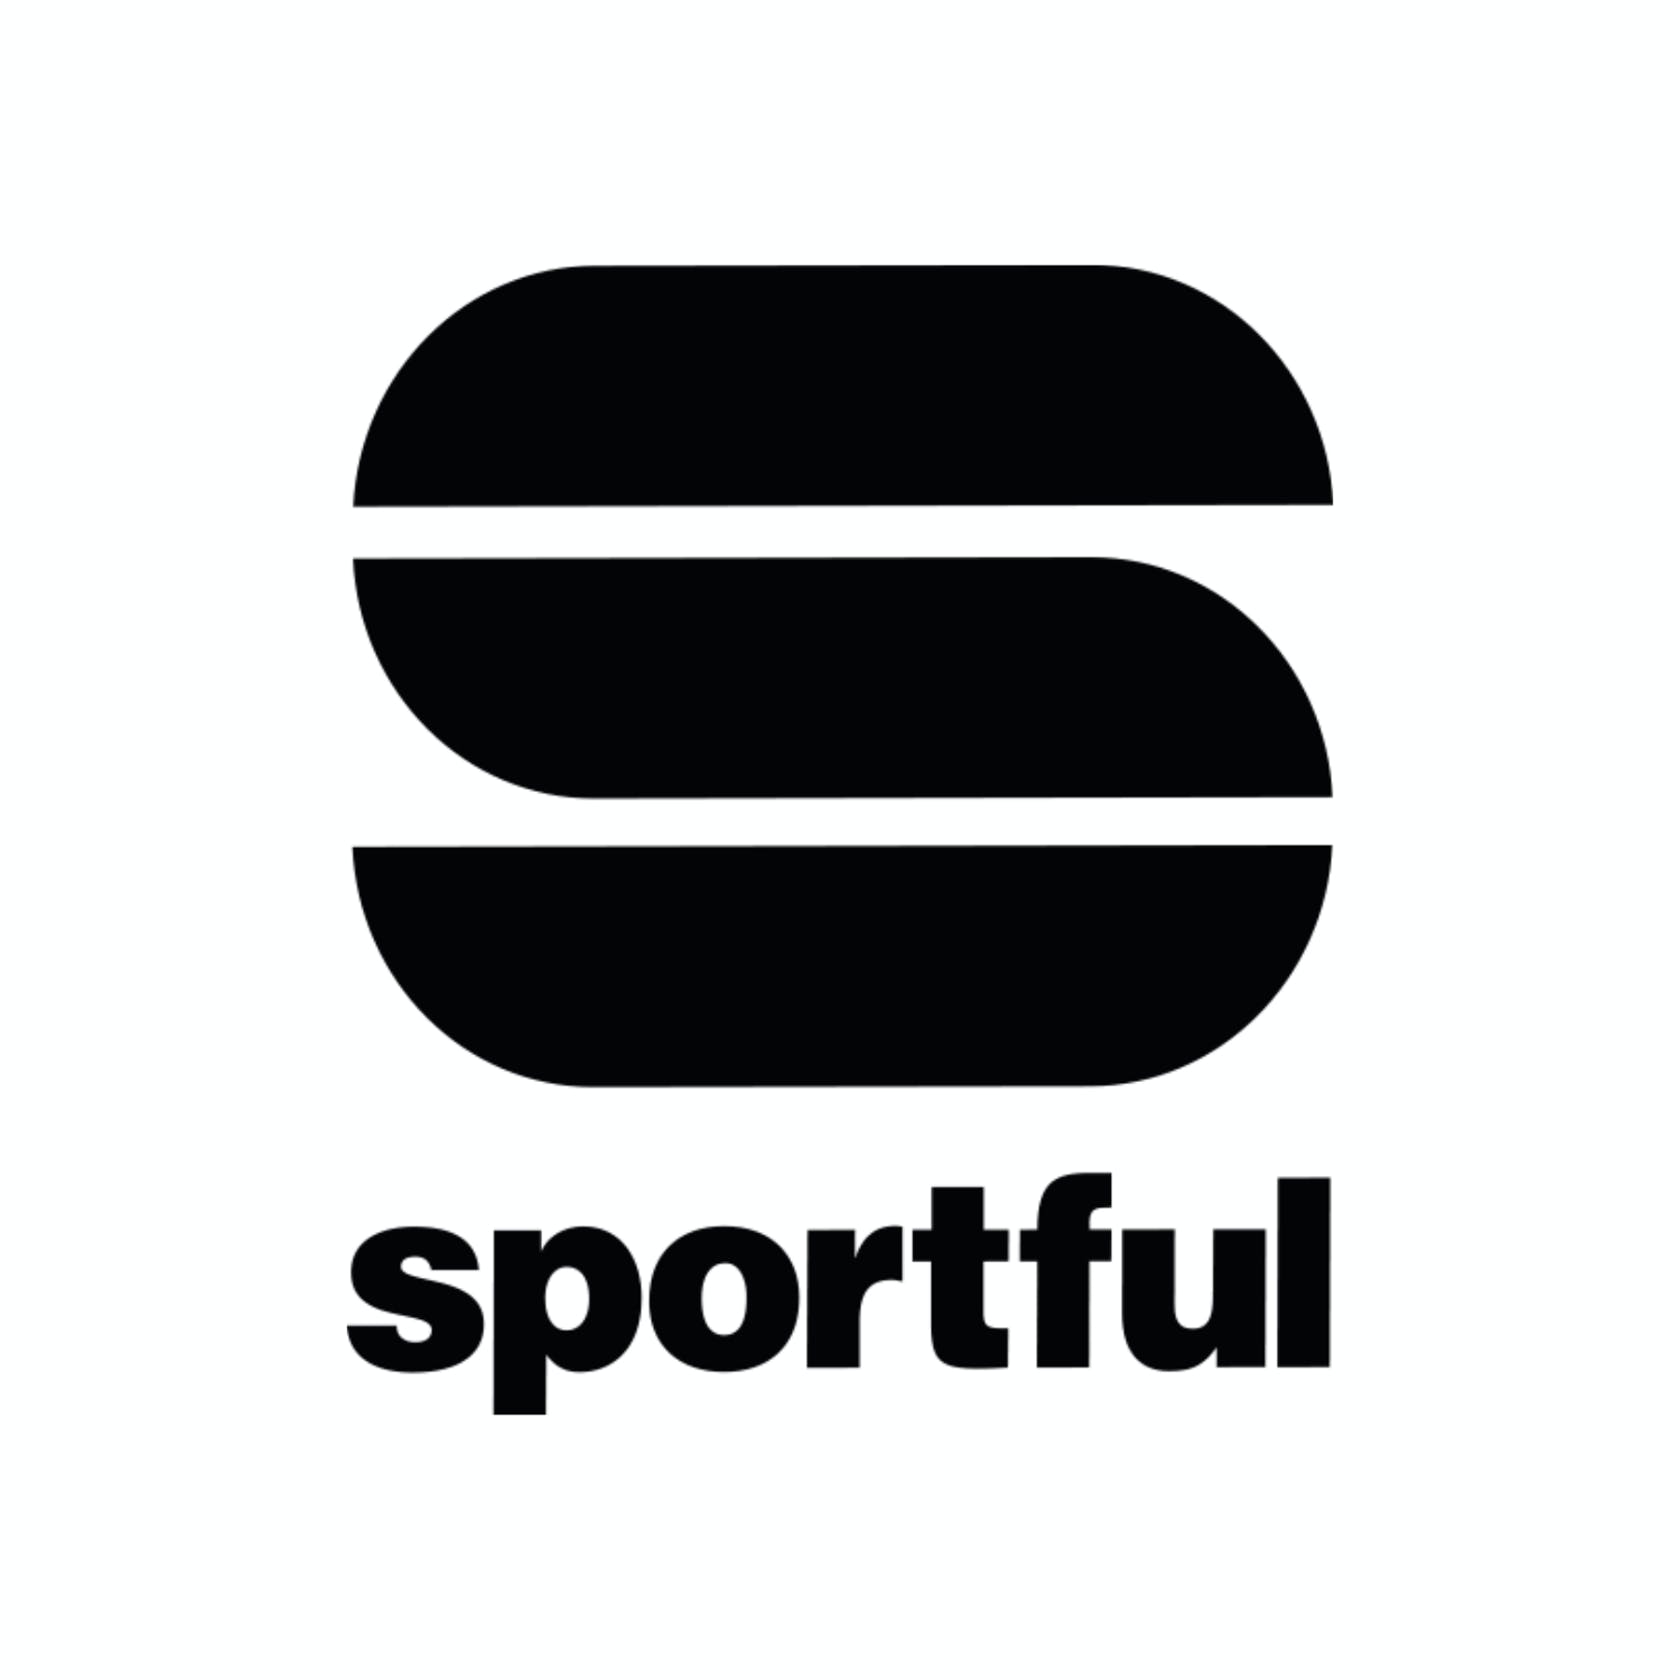 Sportful onlineshop